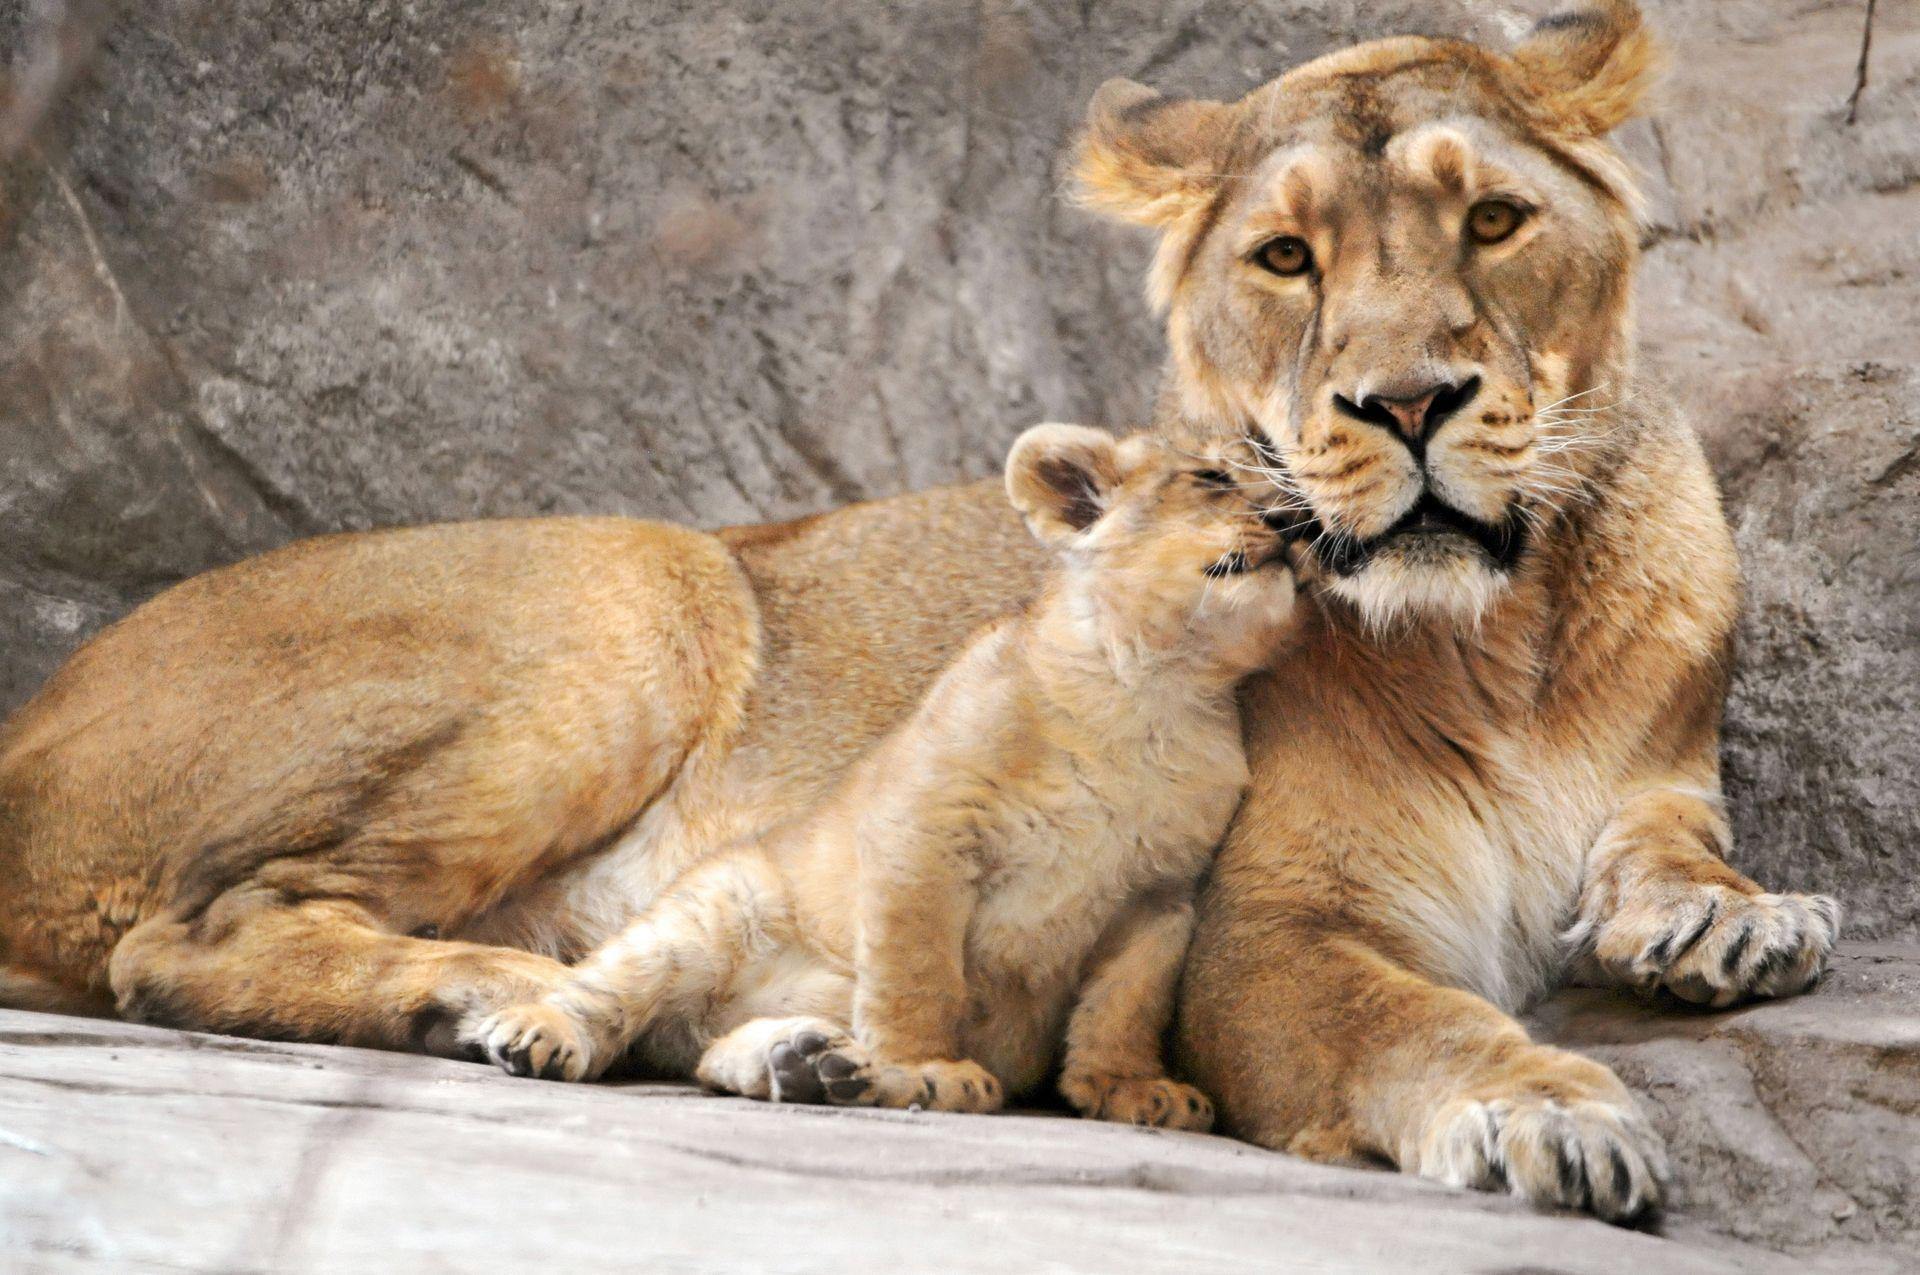 это картинки с мамами и детенышами животных год дайверы проводят